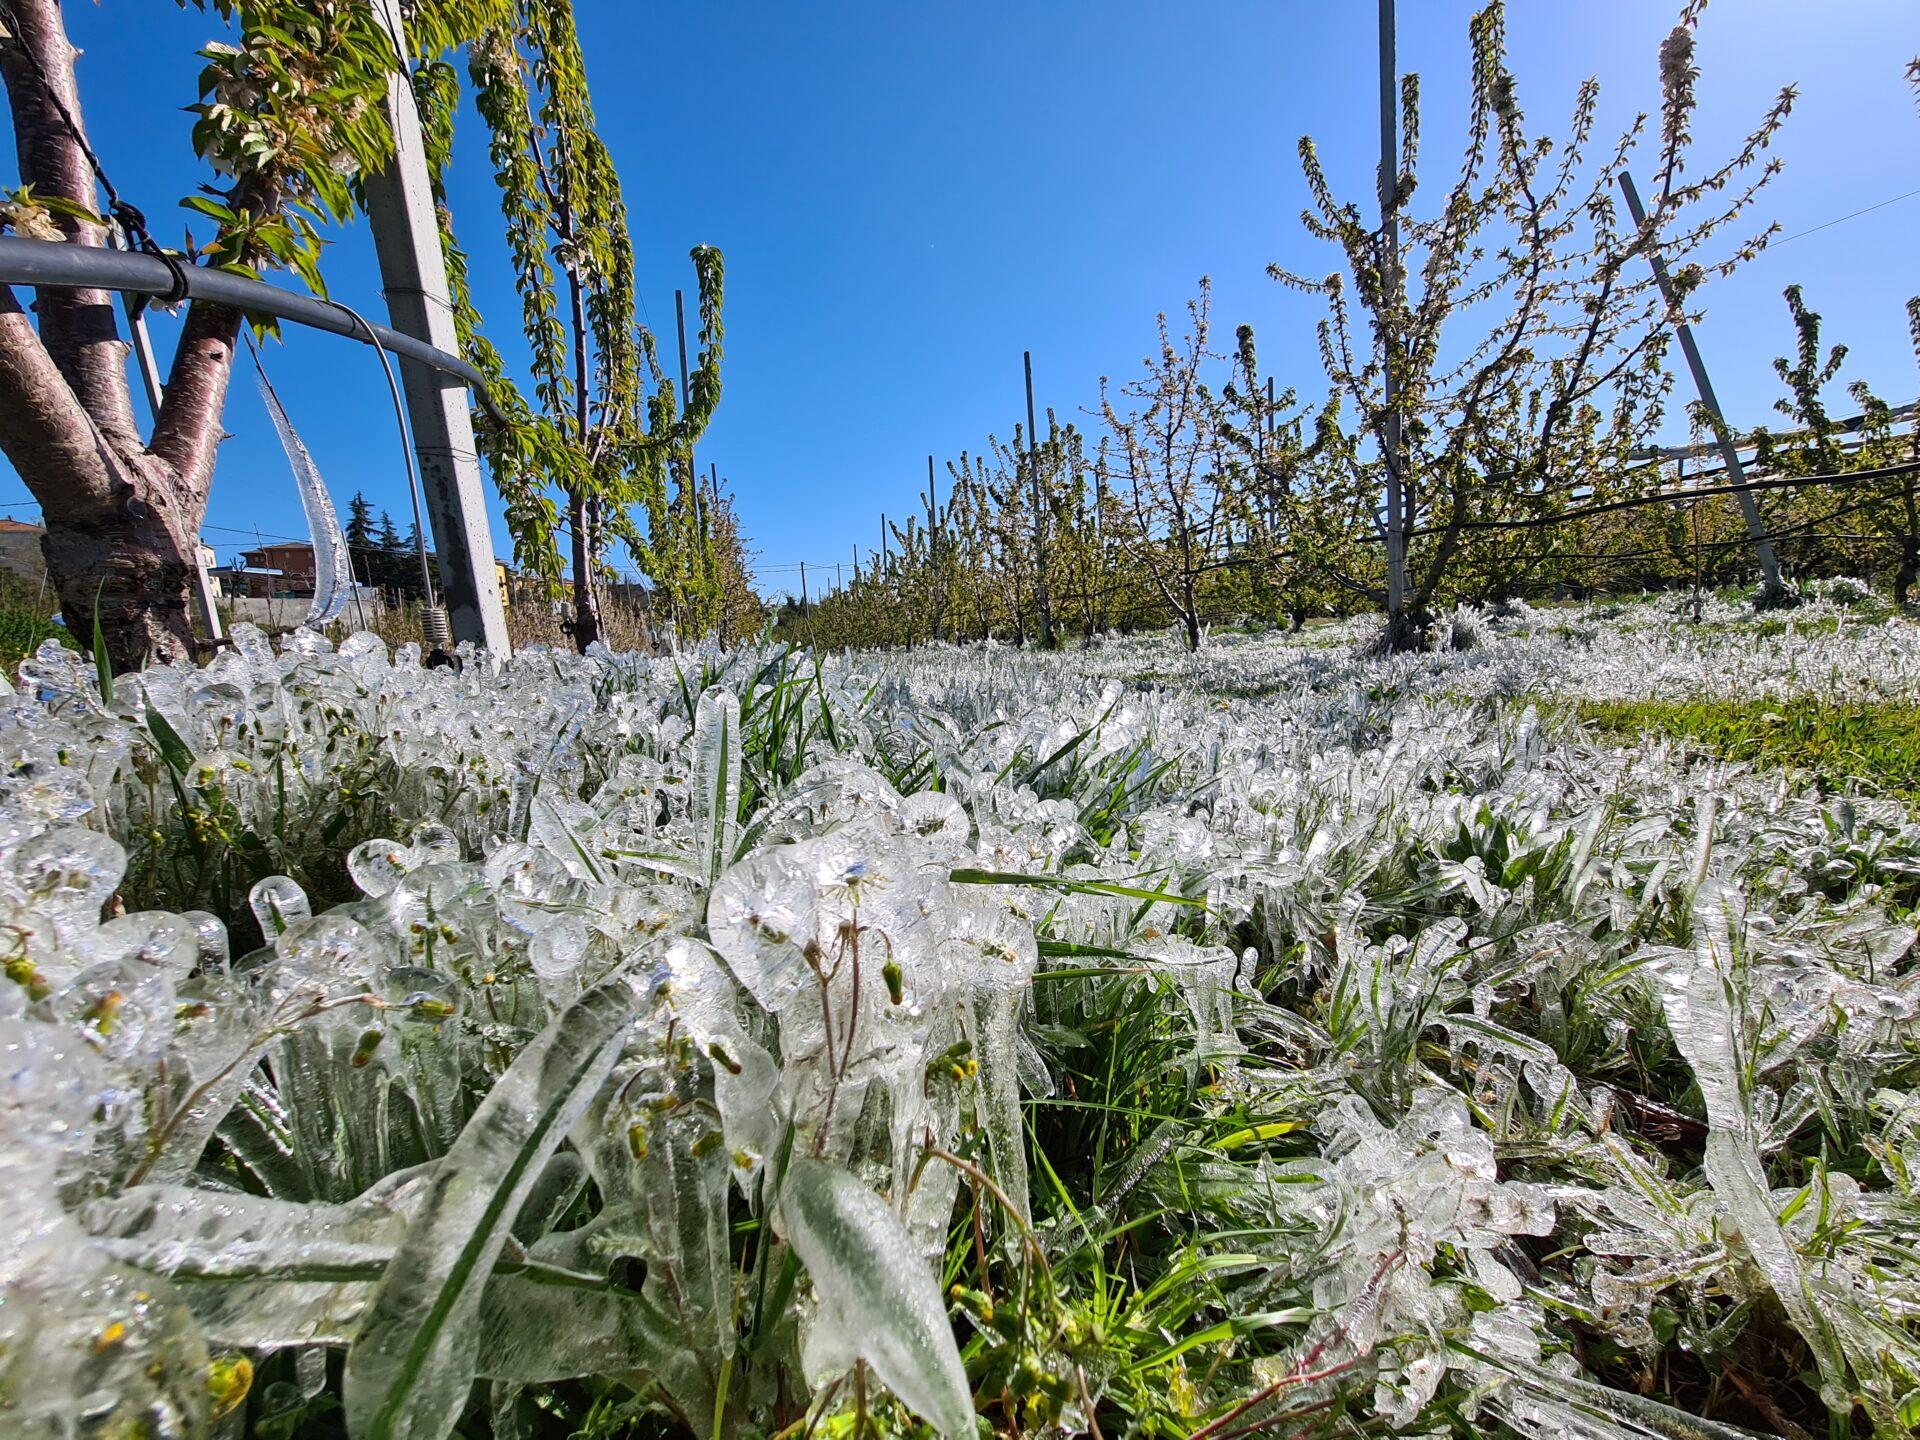 Ondata di gelo stronca agricoltura al Centro Nord. Cia: danneggiato il 75%